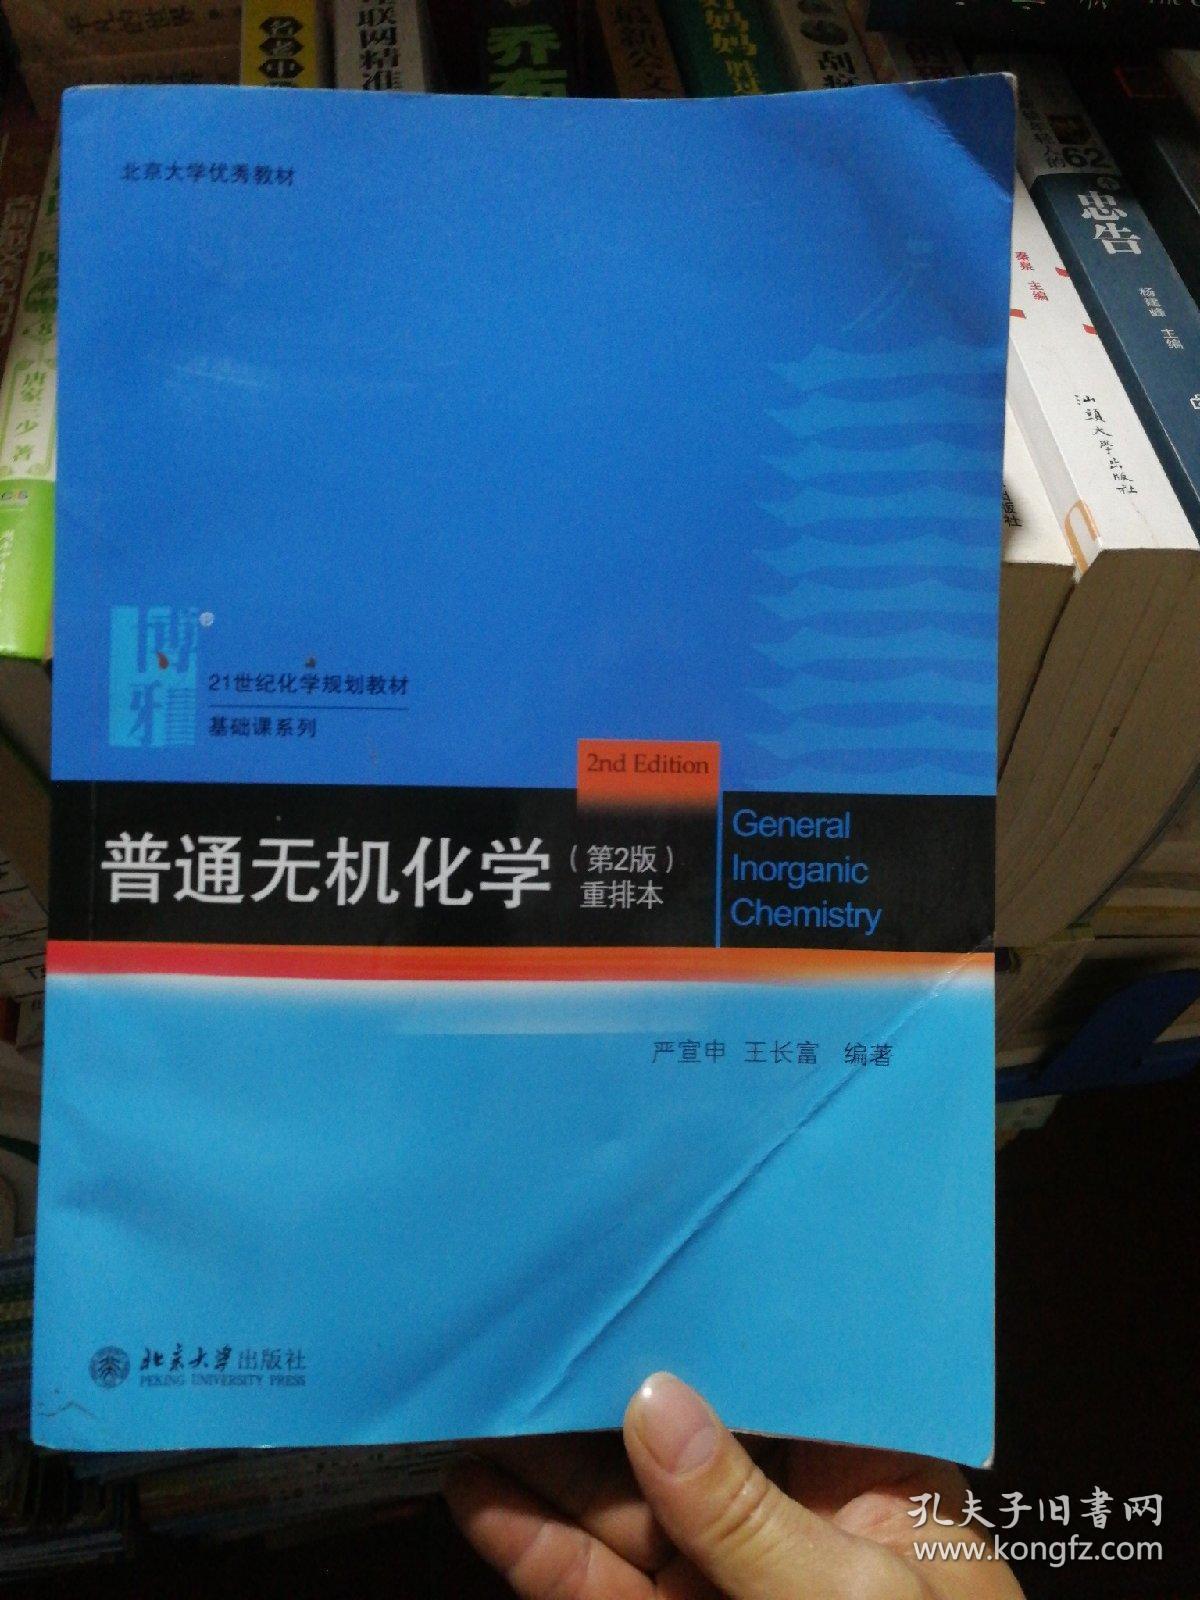 普通无机化学(第2版)重排本(书上角有受潮水渍印)